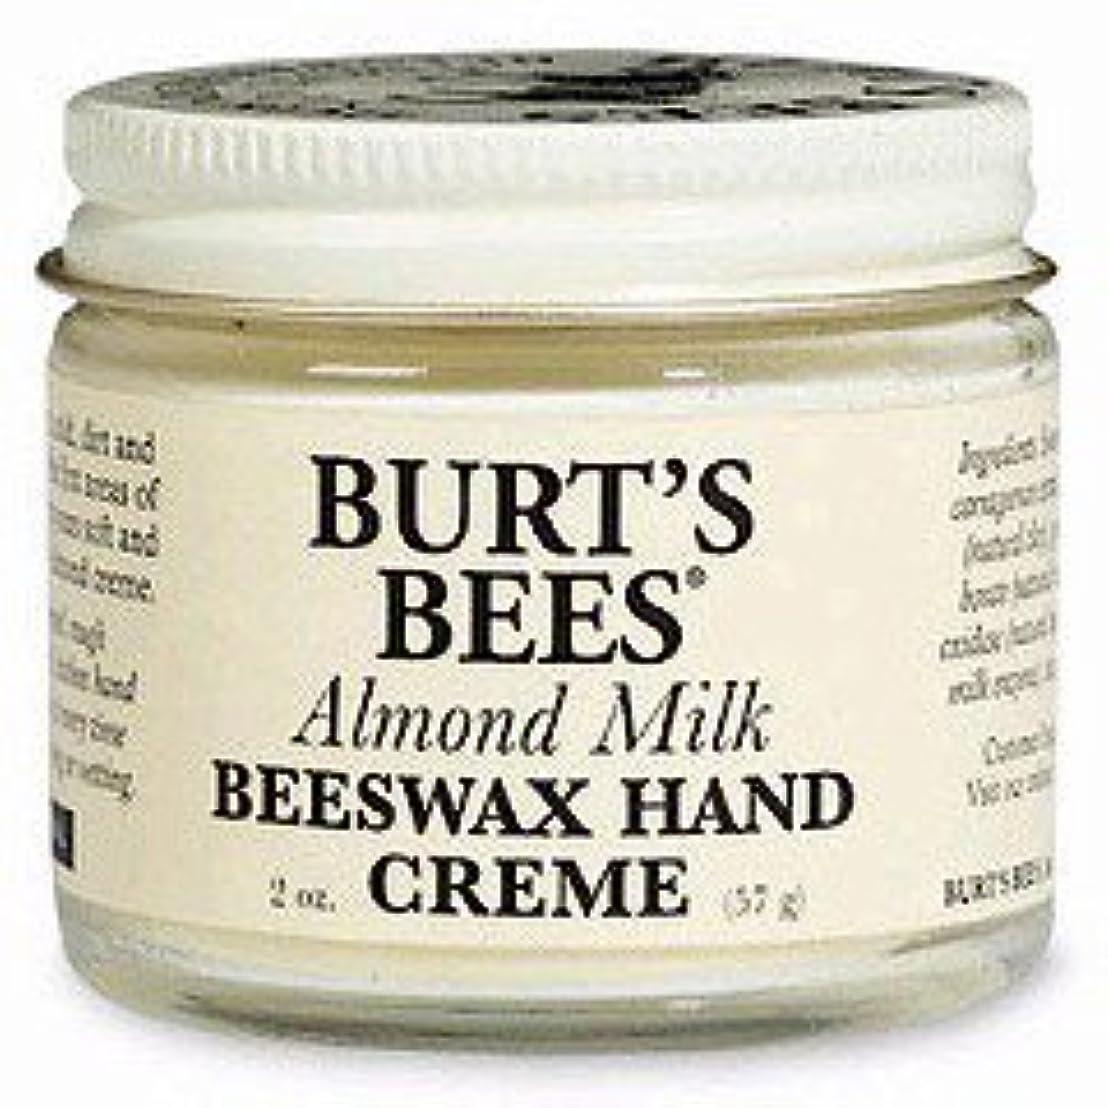 嫌がらせ可愛い義務付けられたバーツビーズ(Burt's Bees) アーモンドミルク?ビーズワックス?ハンドクリーム 57g [海外直送品][並行輸入品]